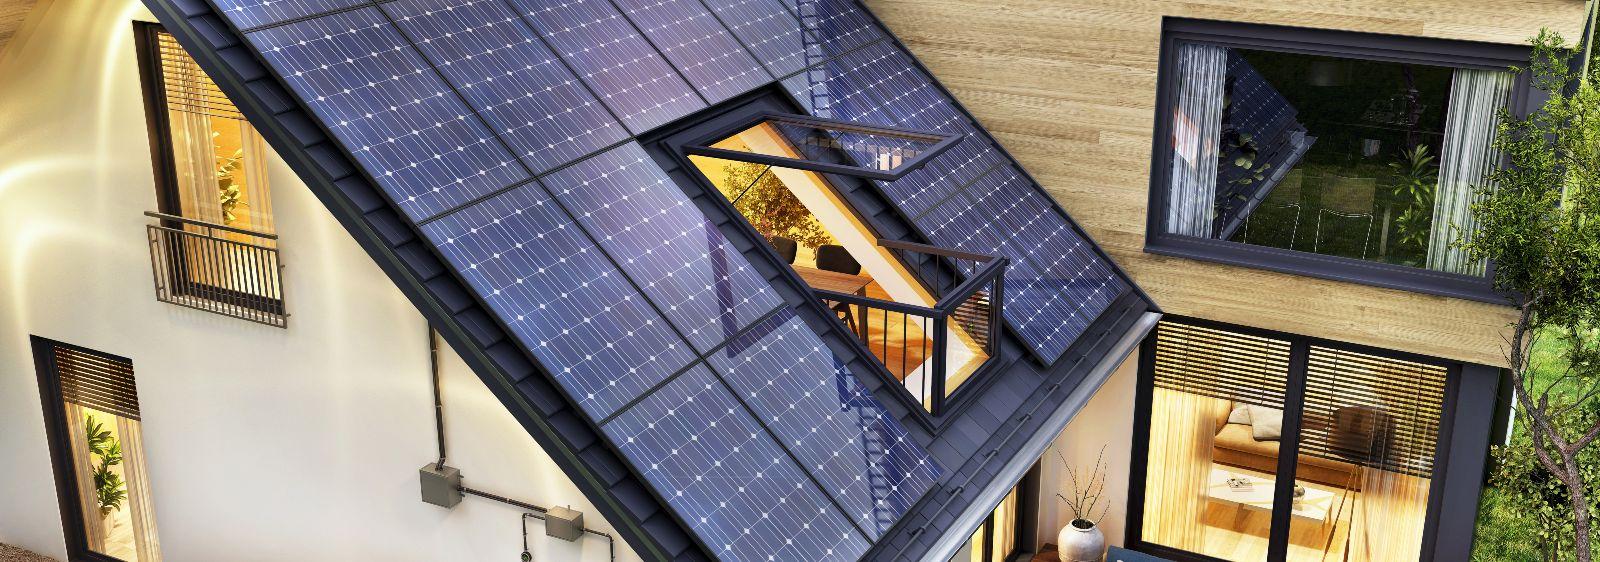 Energie-Anlagen im Haus funktionieren klimafreundlicher und wirtschaftlicher, wenn sie intelligent gesteuert werden. Dazu kann eine Box beitragen, die Wissenschaftler der TU Dresden aktuell entwickeln.